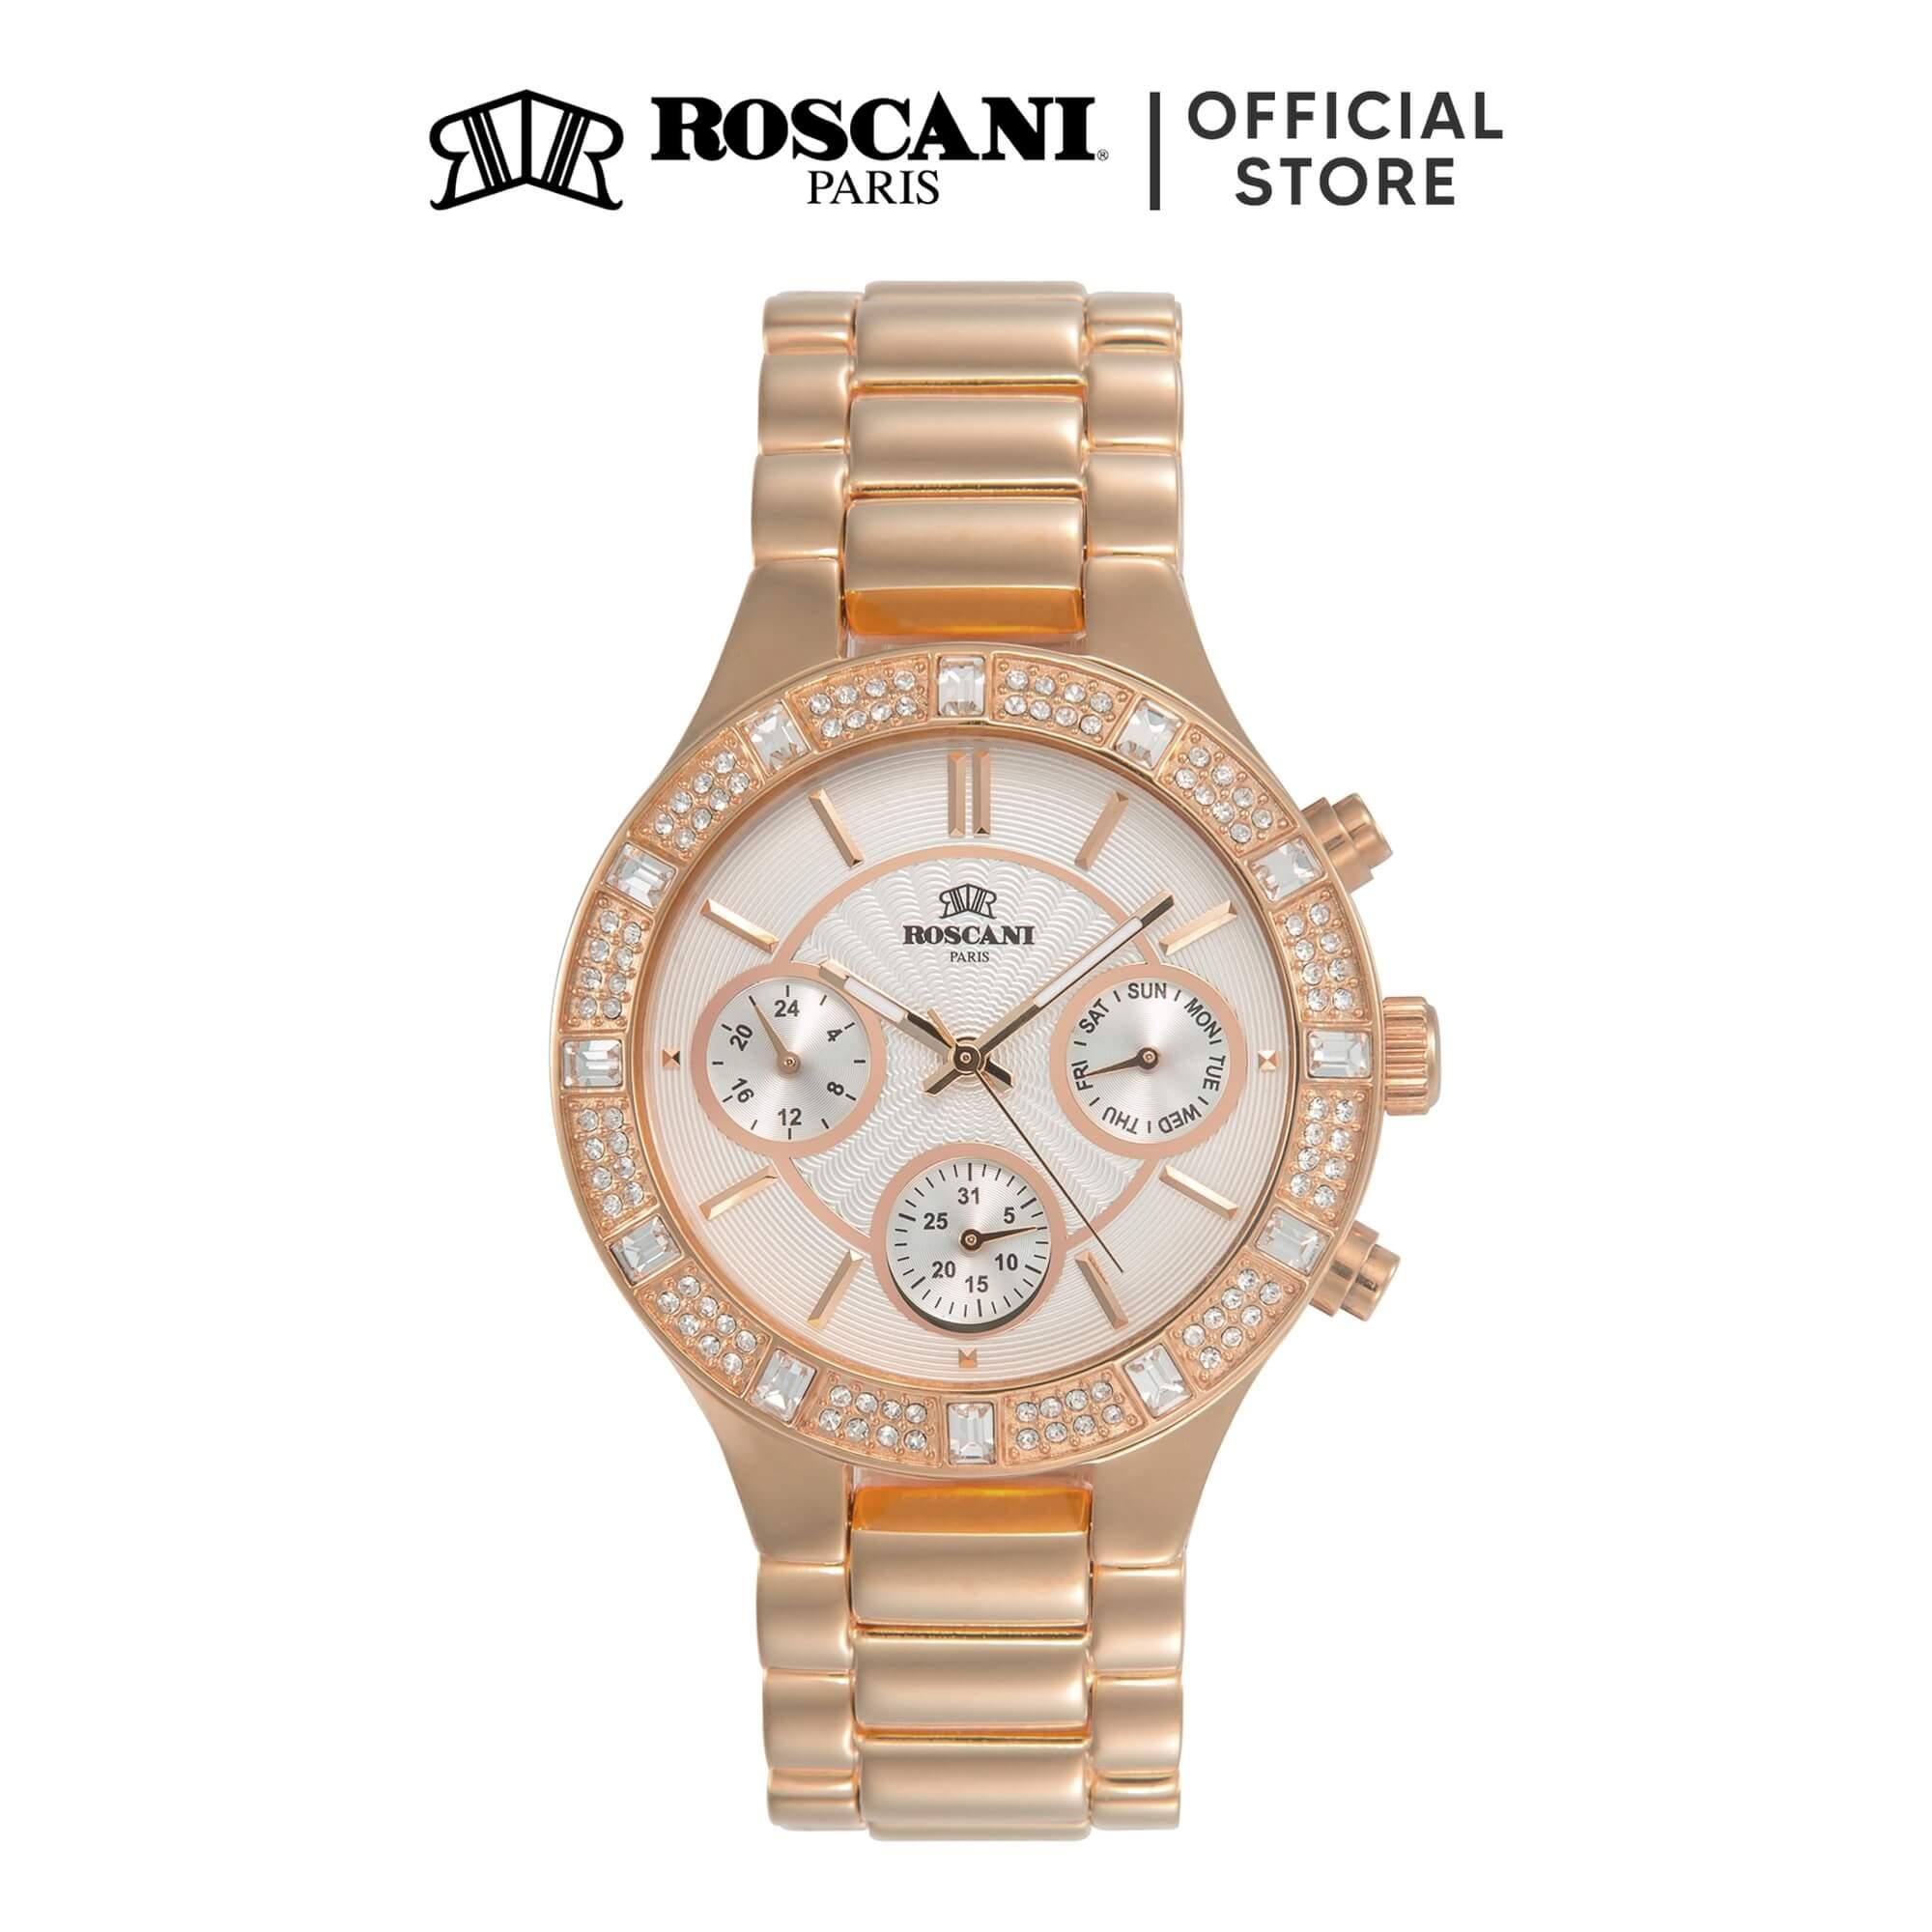 Roscani Fiona 976 (Multifunction + WR 5ATM) Bracelet Women Watch